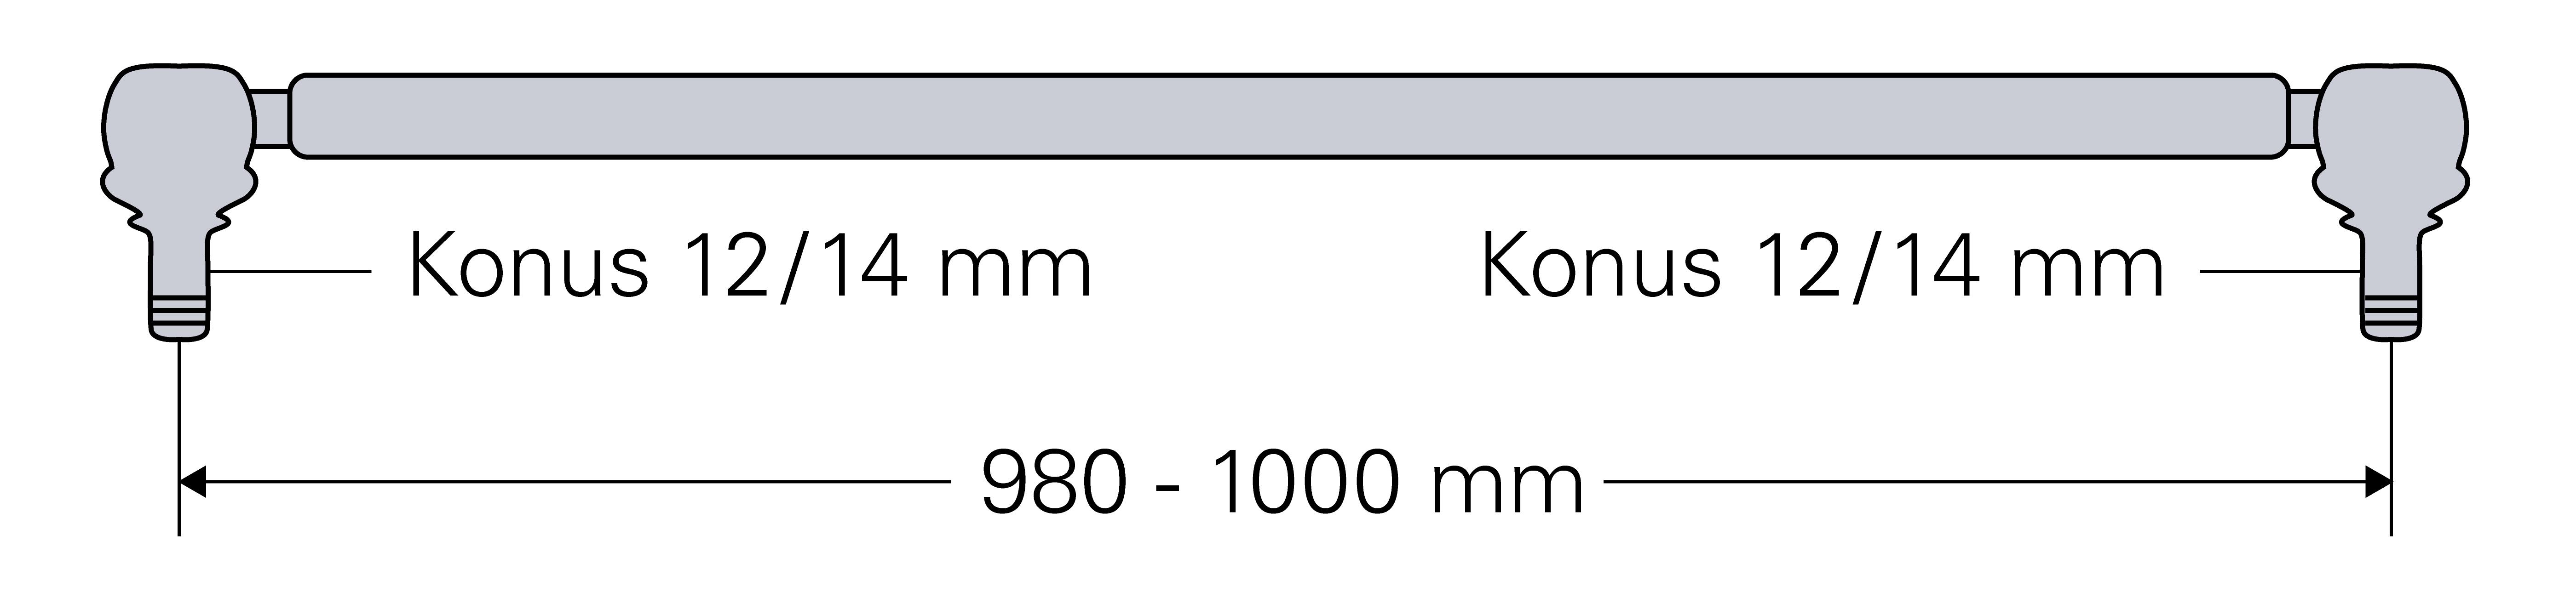 Länge 90 mm D 4506 Deutz Kugelgelenk f D 2506 Spurstange D 4006 D 3006